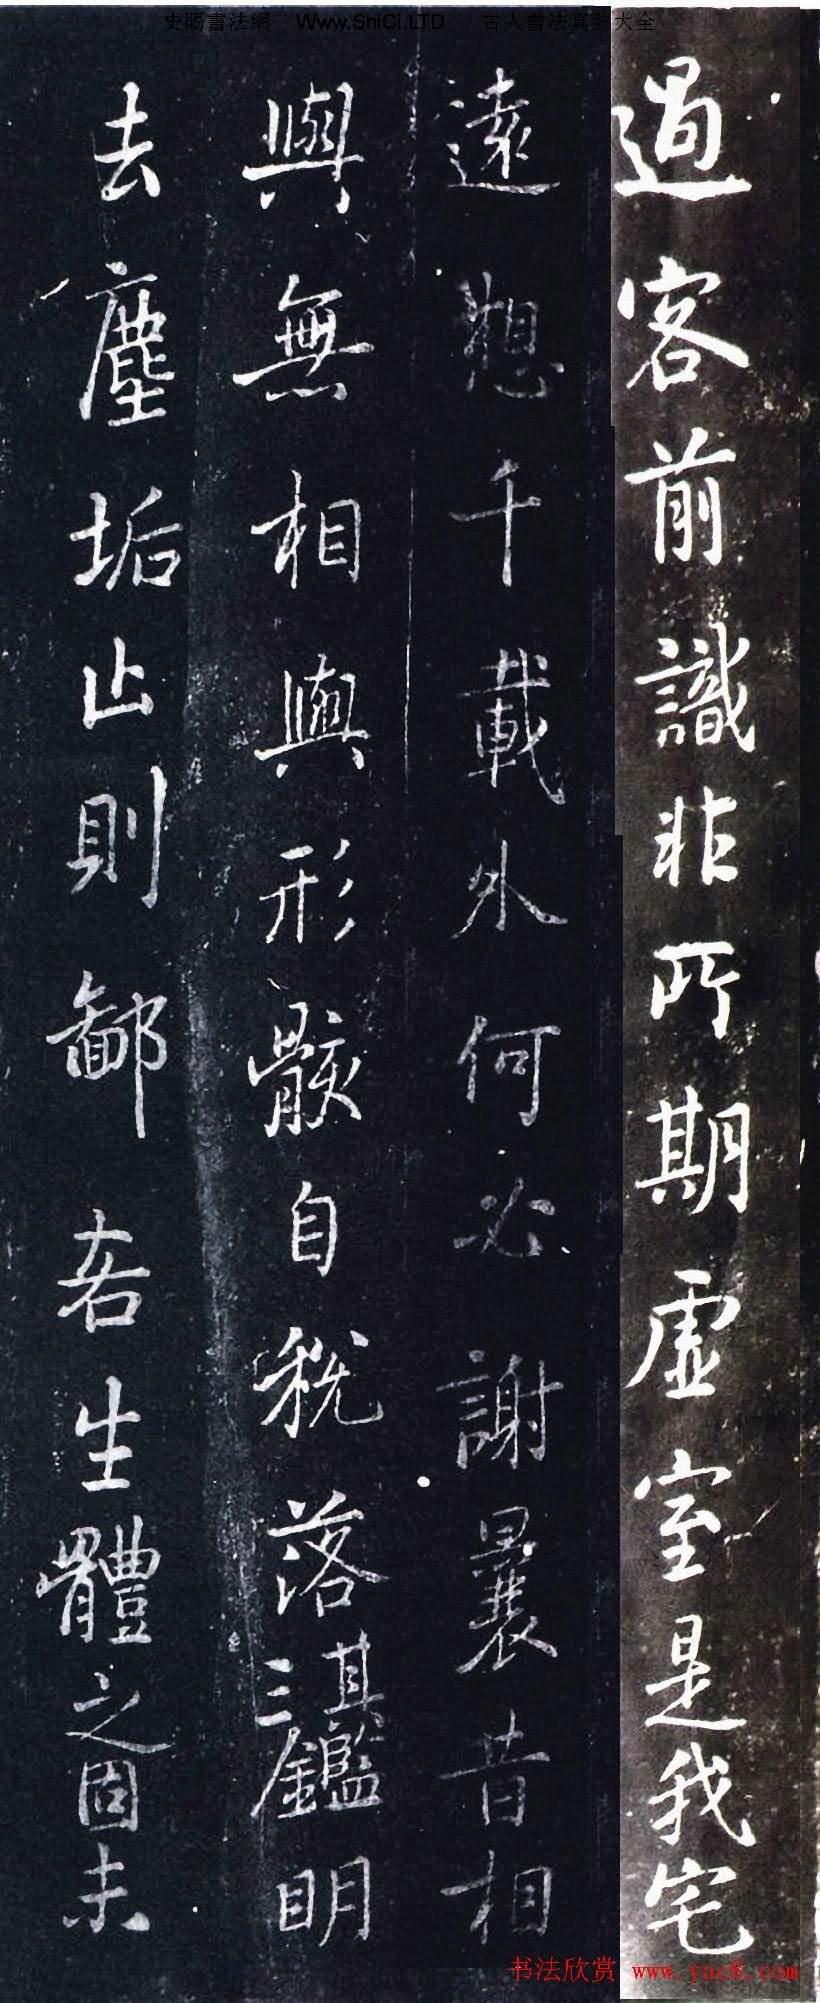 唐代陸柬之書法《五言蘭亭詩》刻帖欣賞